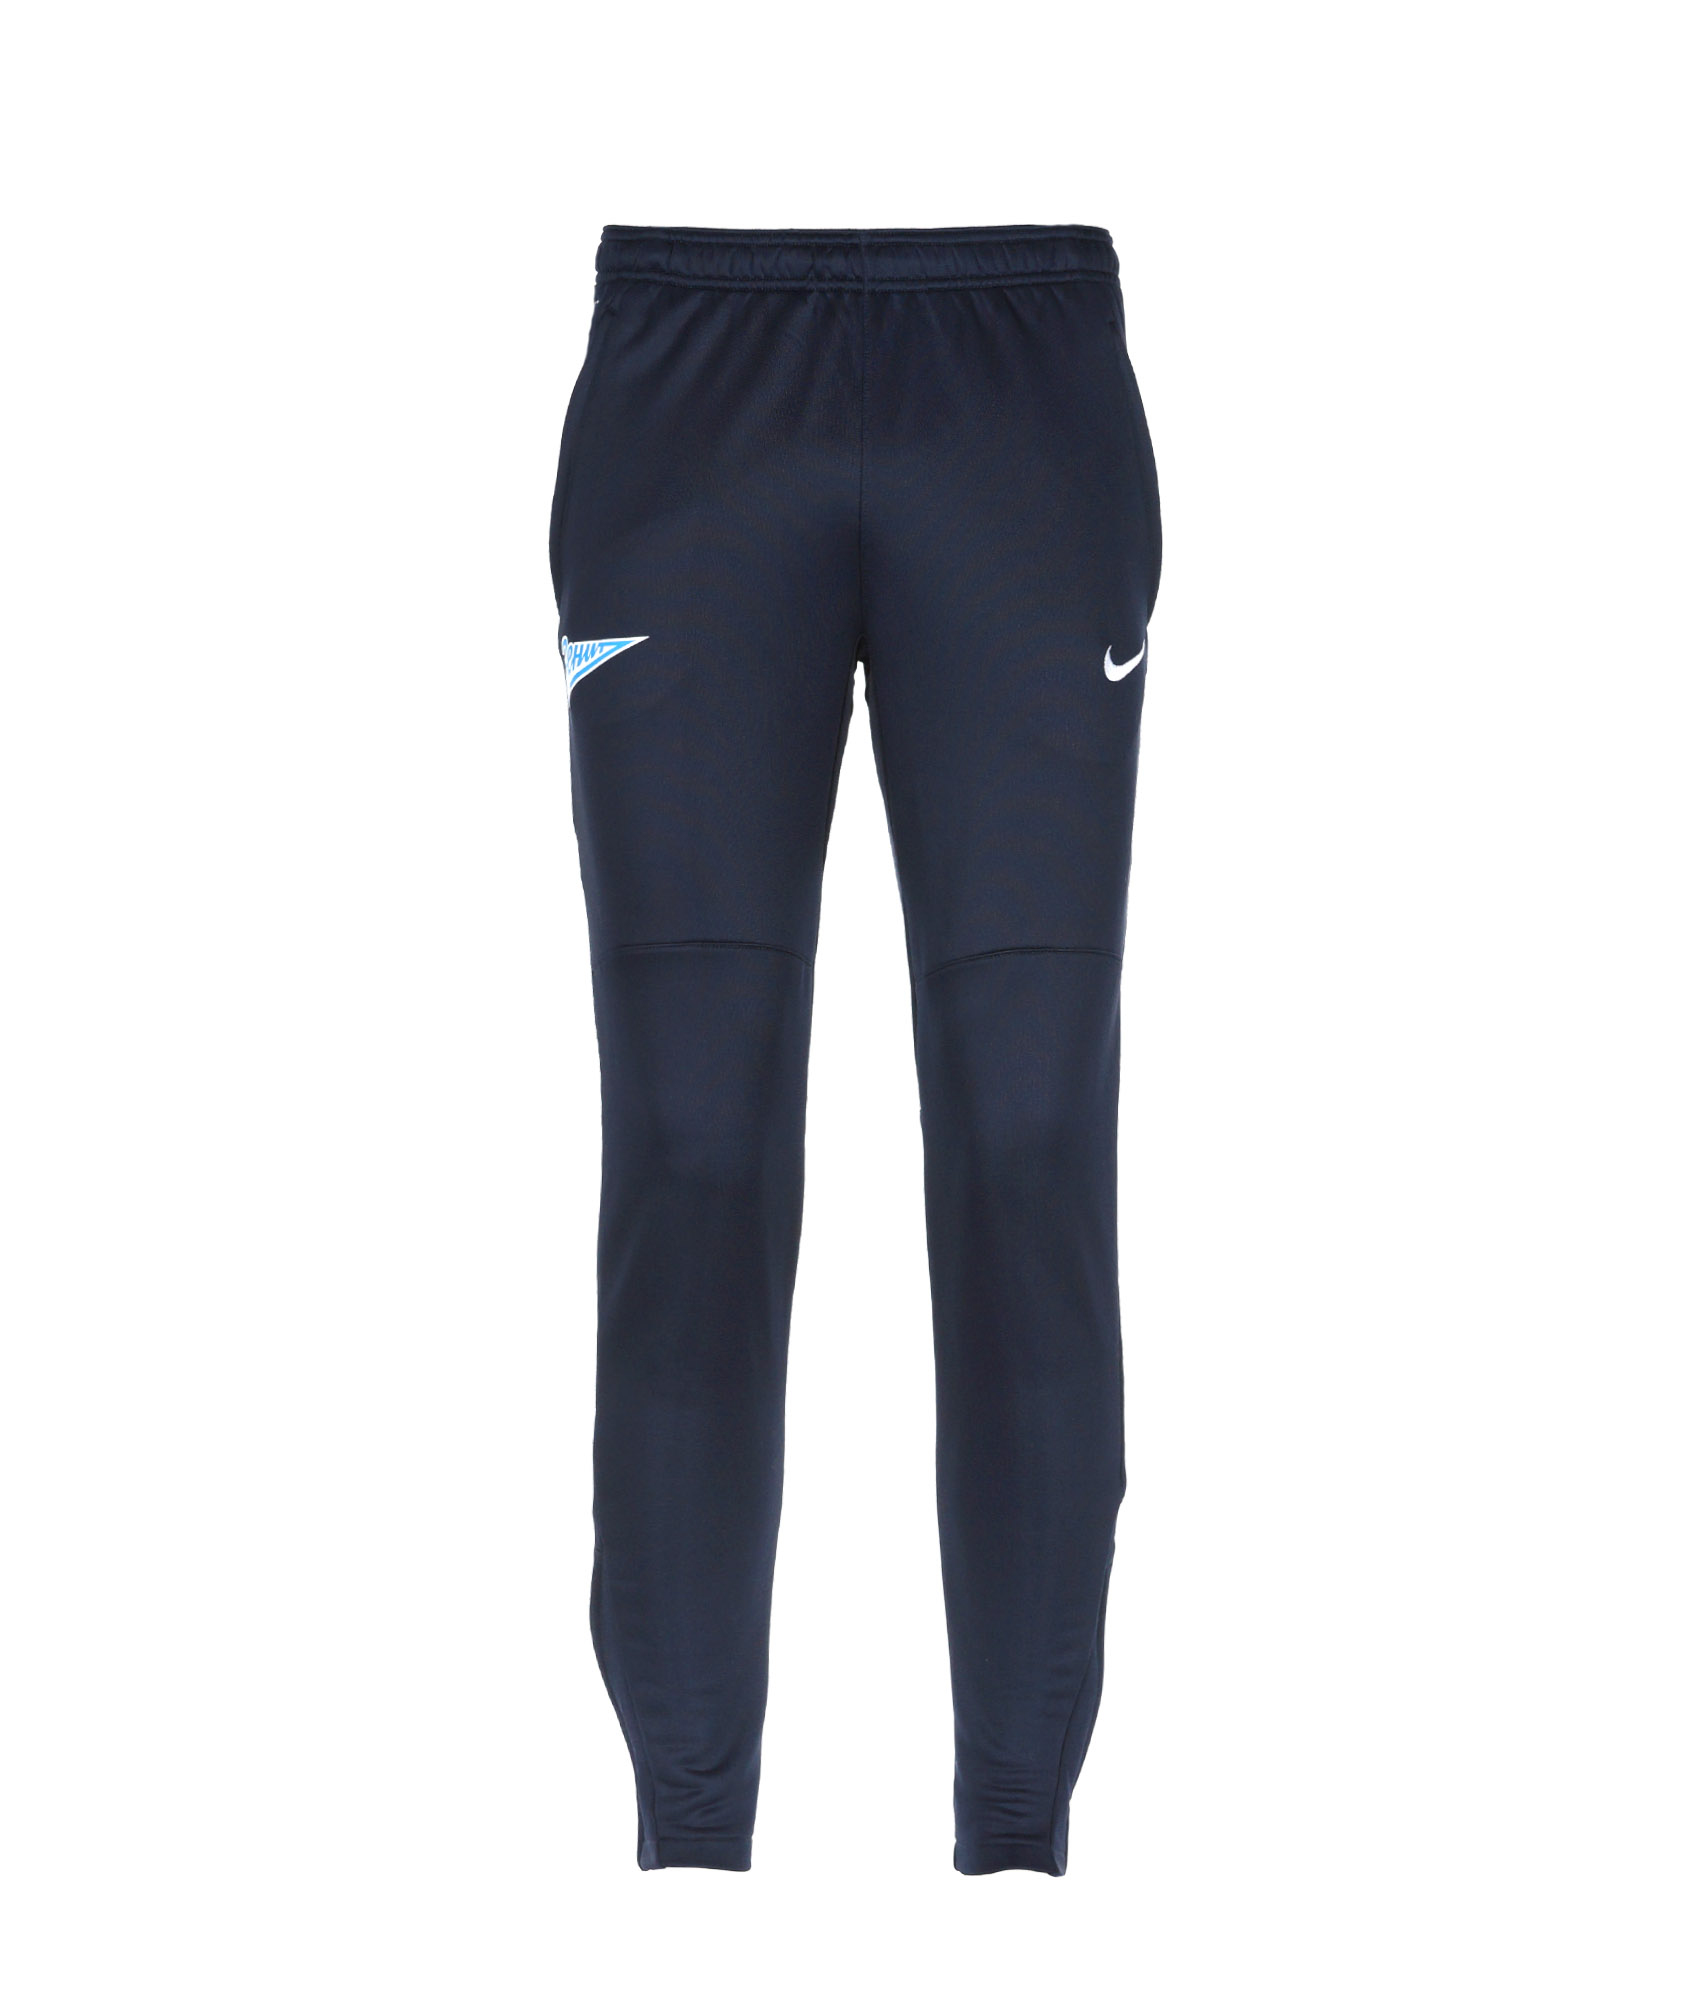 Брюки тренировочные Nike SQUAD TECH KNIT PANT, Цвет-Синий, Размер-XXL